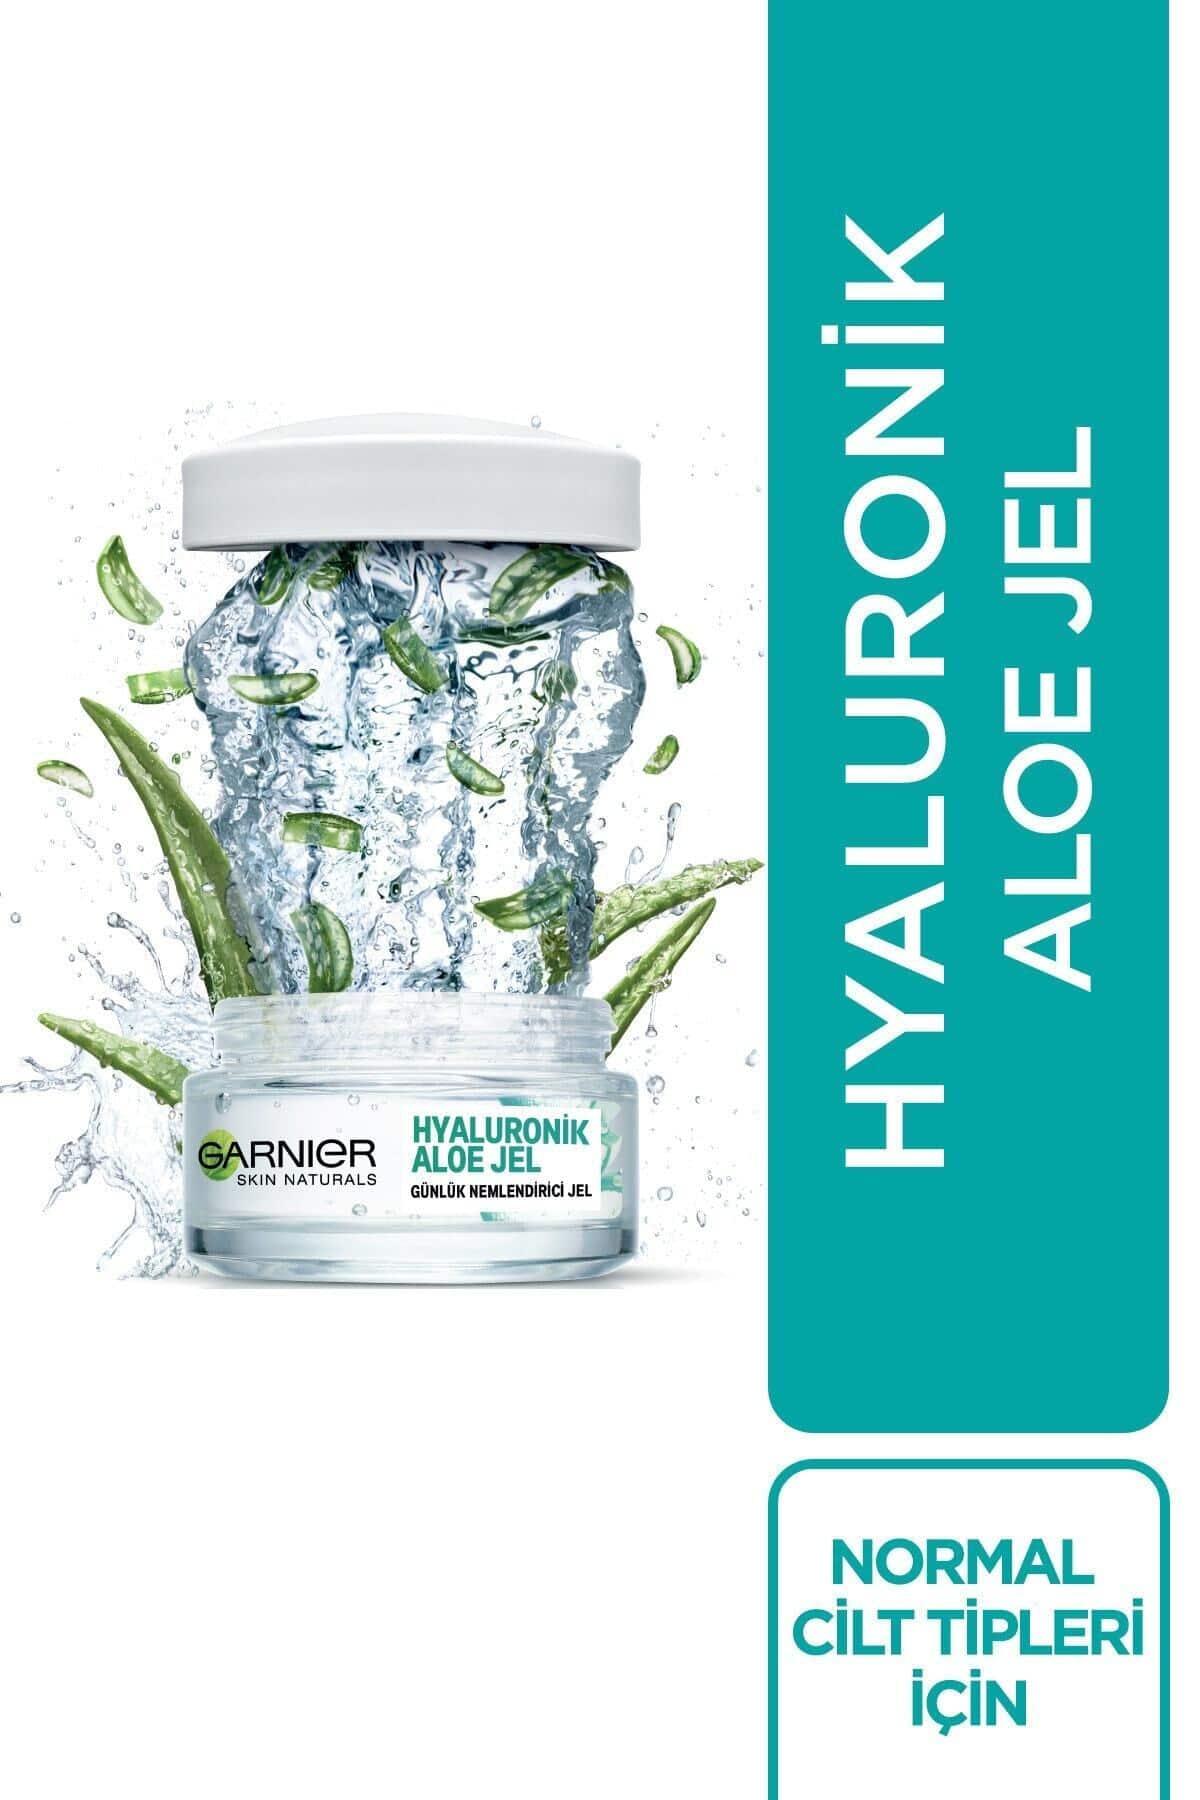 Garnier Hyaluronik Aloe Jel - Günlük Nemlendirici Jel 50 Ml